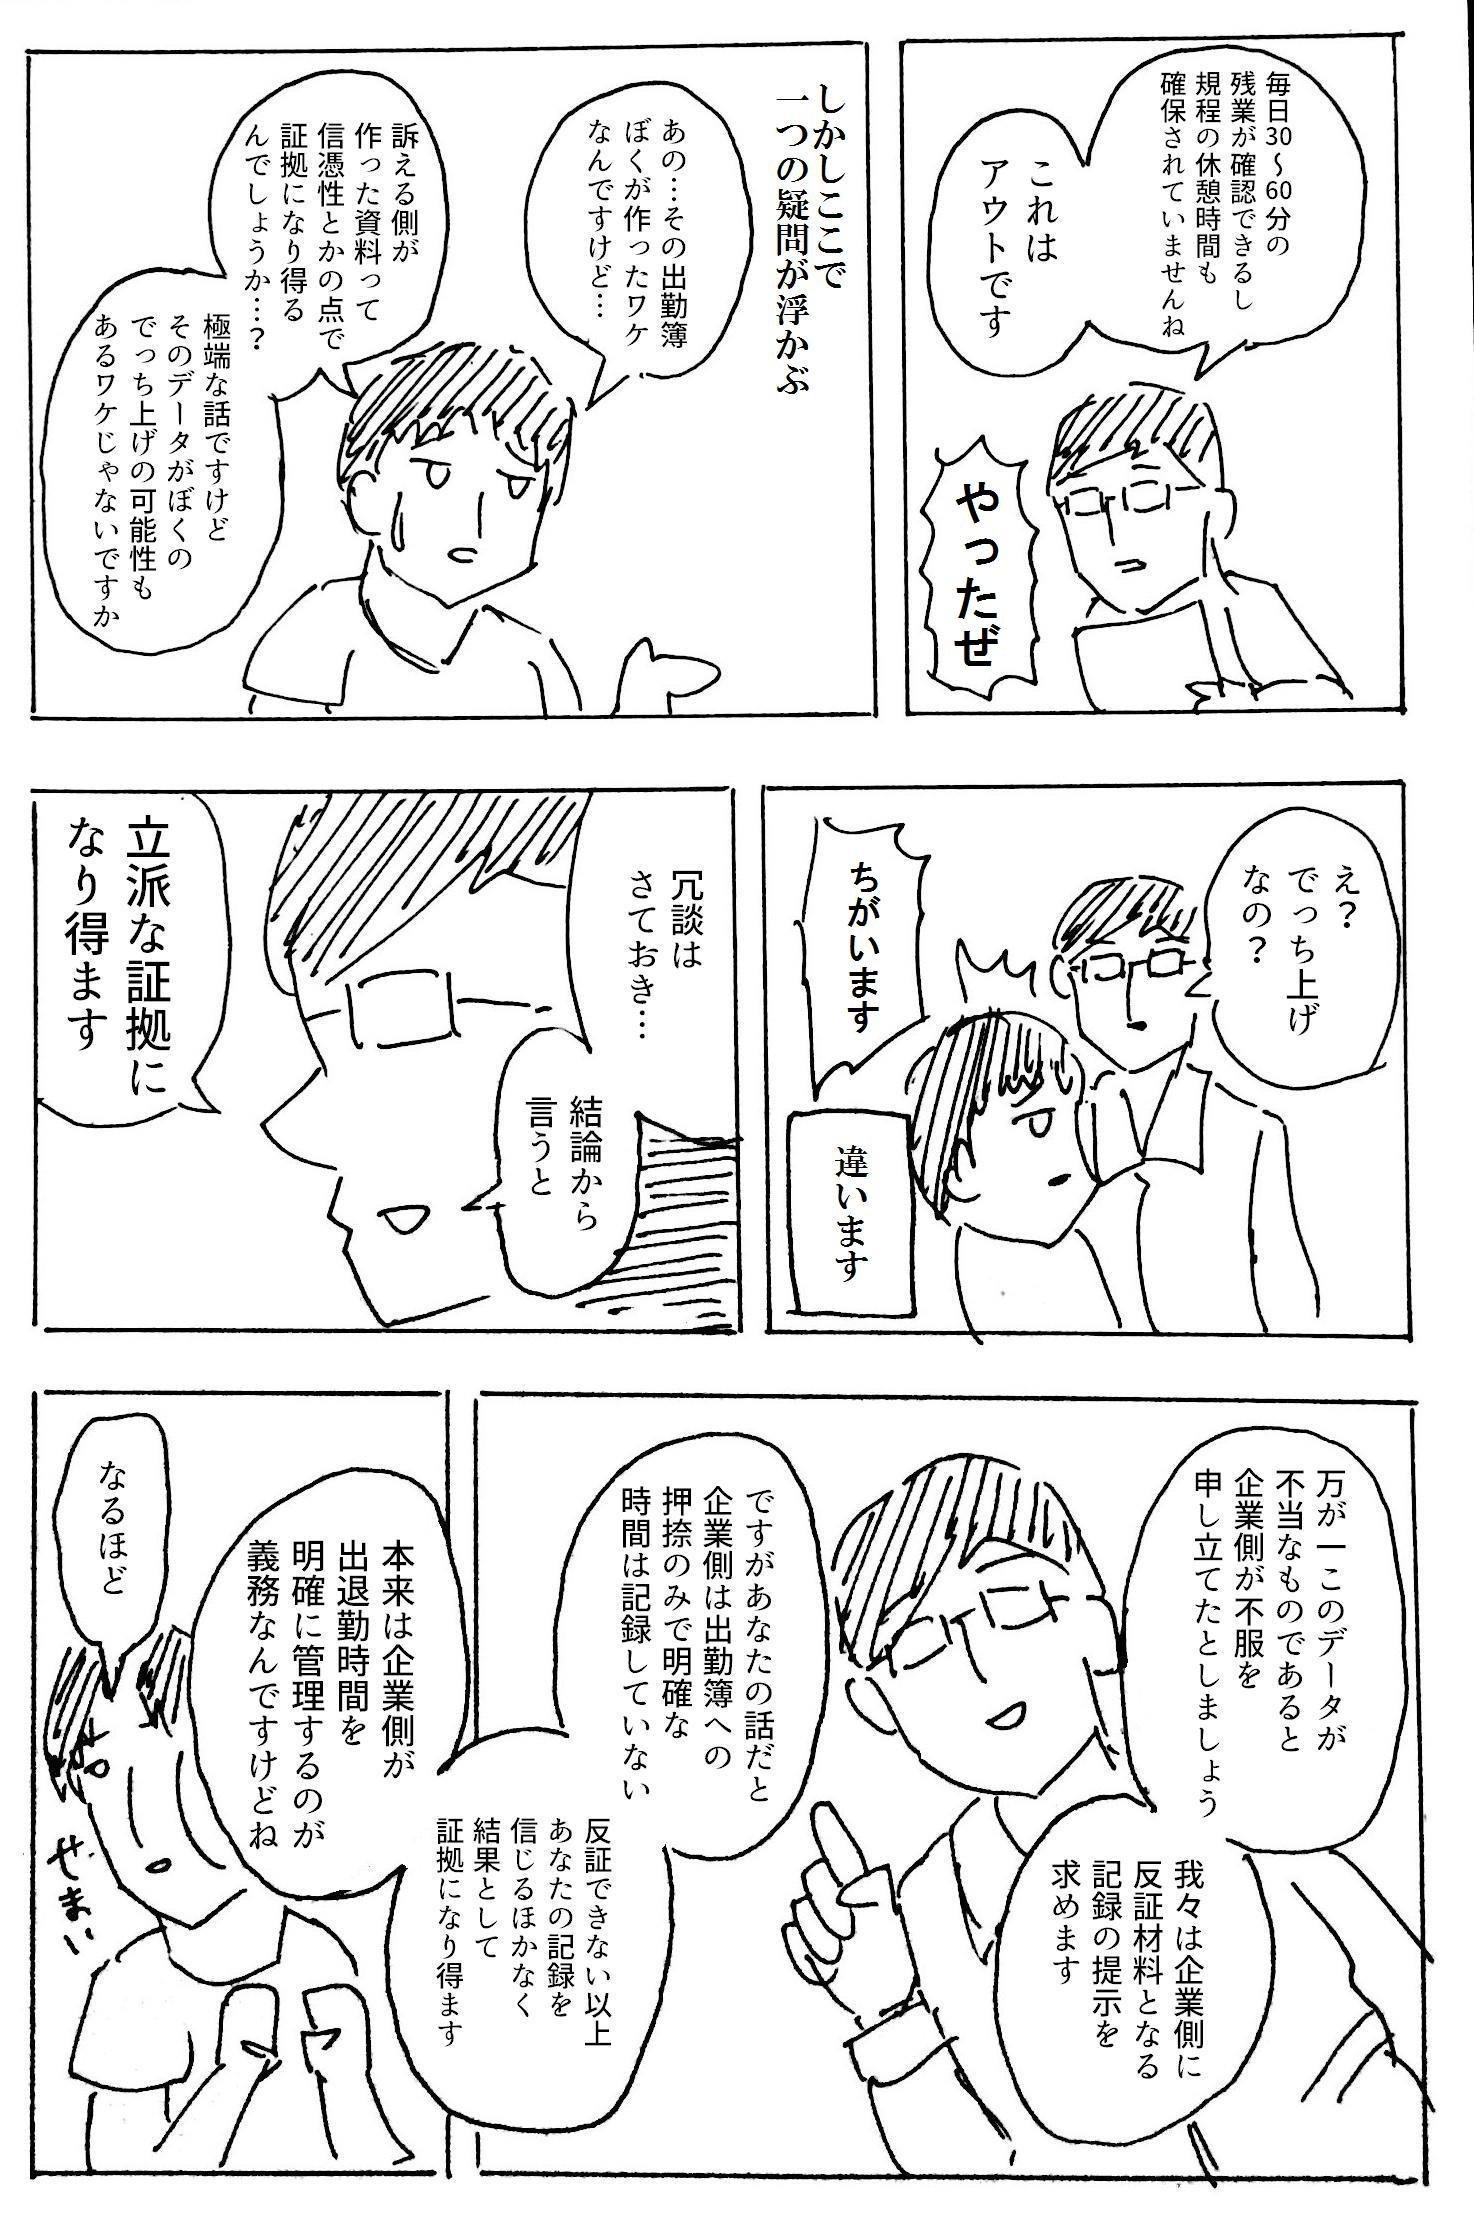 署 監督 釧路 基準 労働